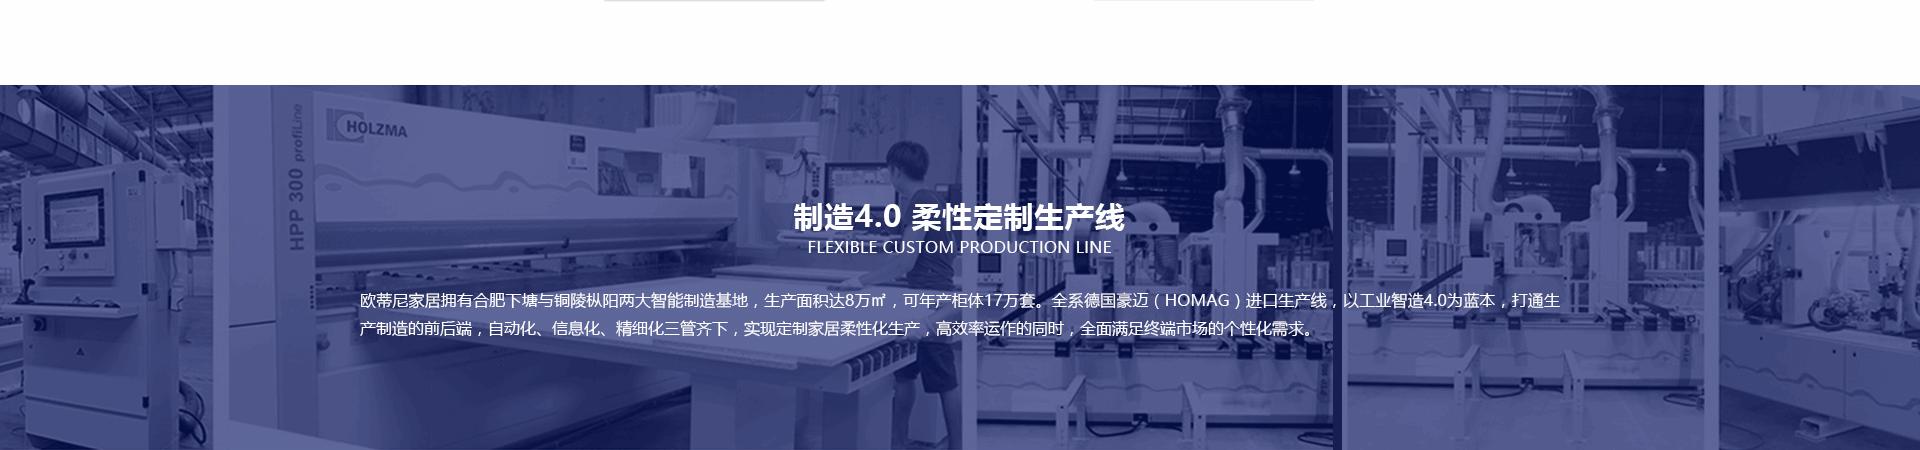 欧蒂尼家居品牌招商加盟,欧蒂尼工业4.0定制生产线